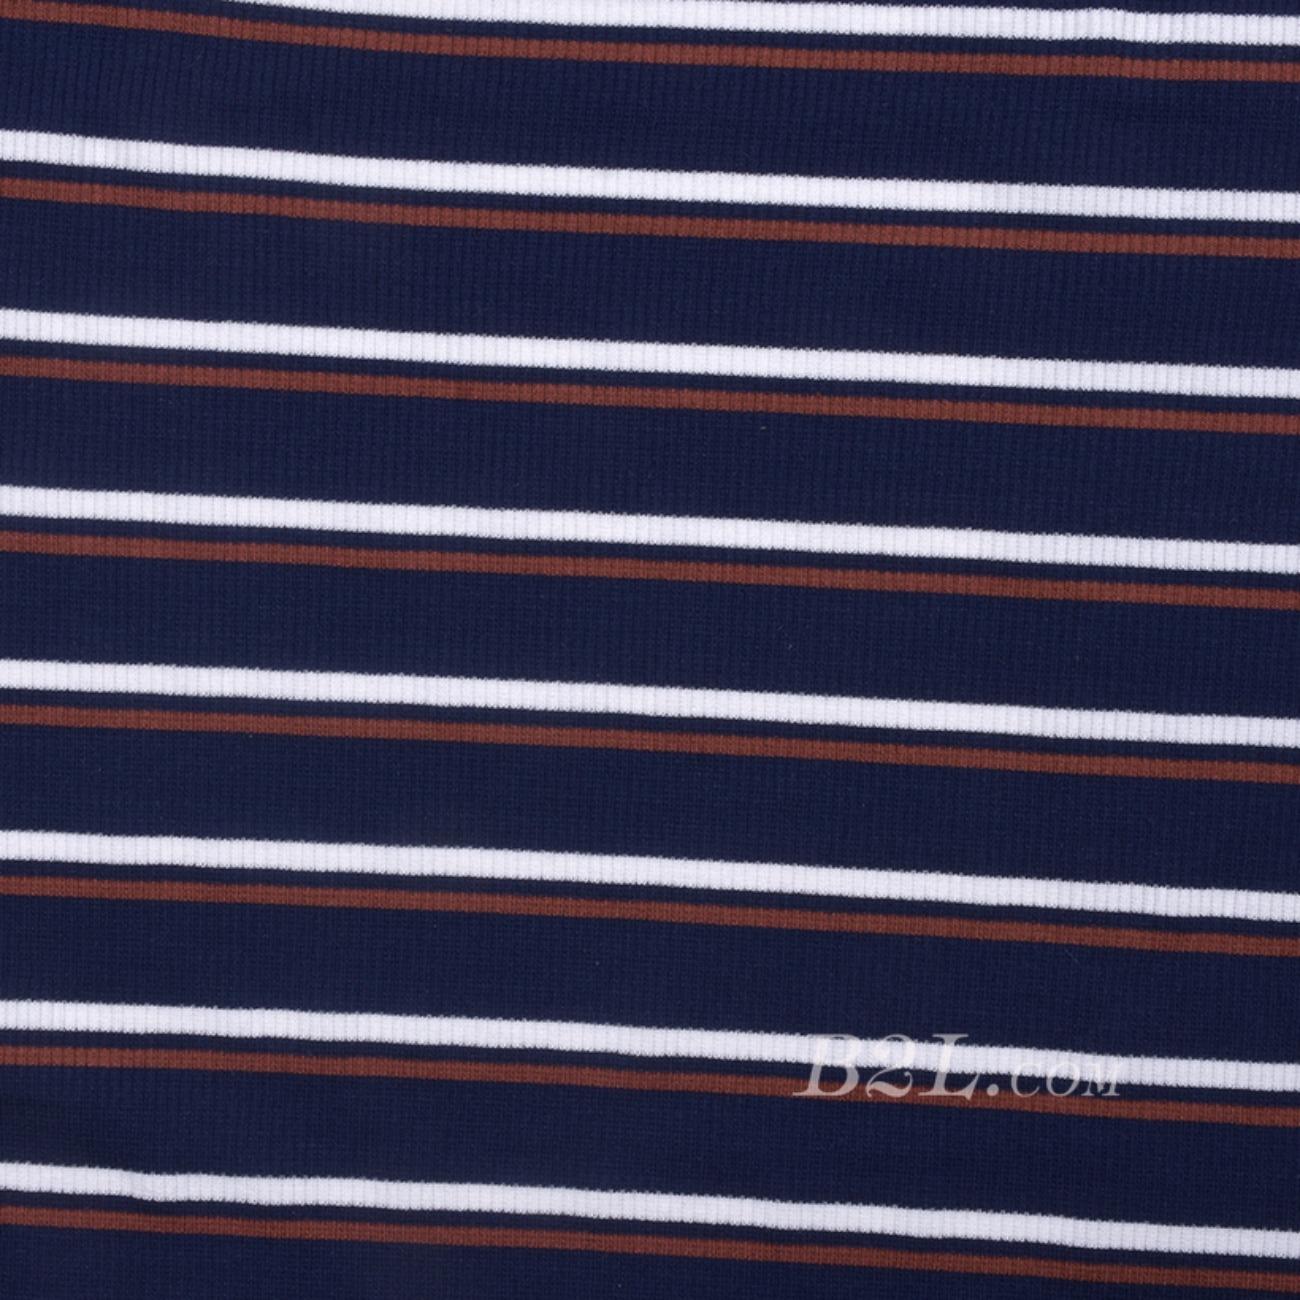 条子 横条 圆机 针织 纬编 棉感 弹力 罗纹 T恤 针织衫 连衣裙 80131-3